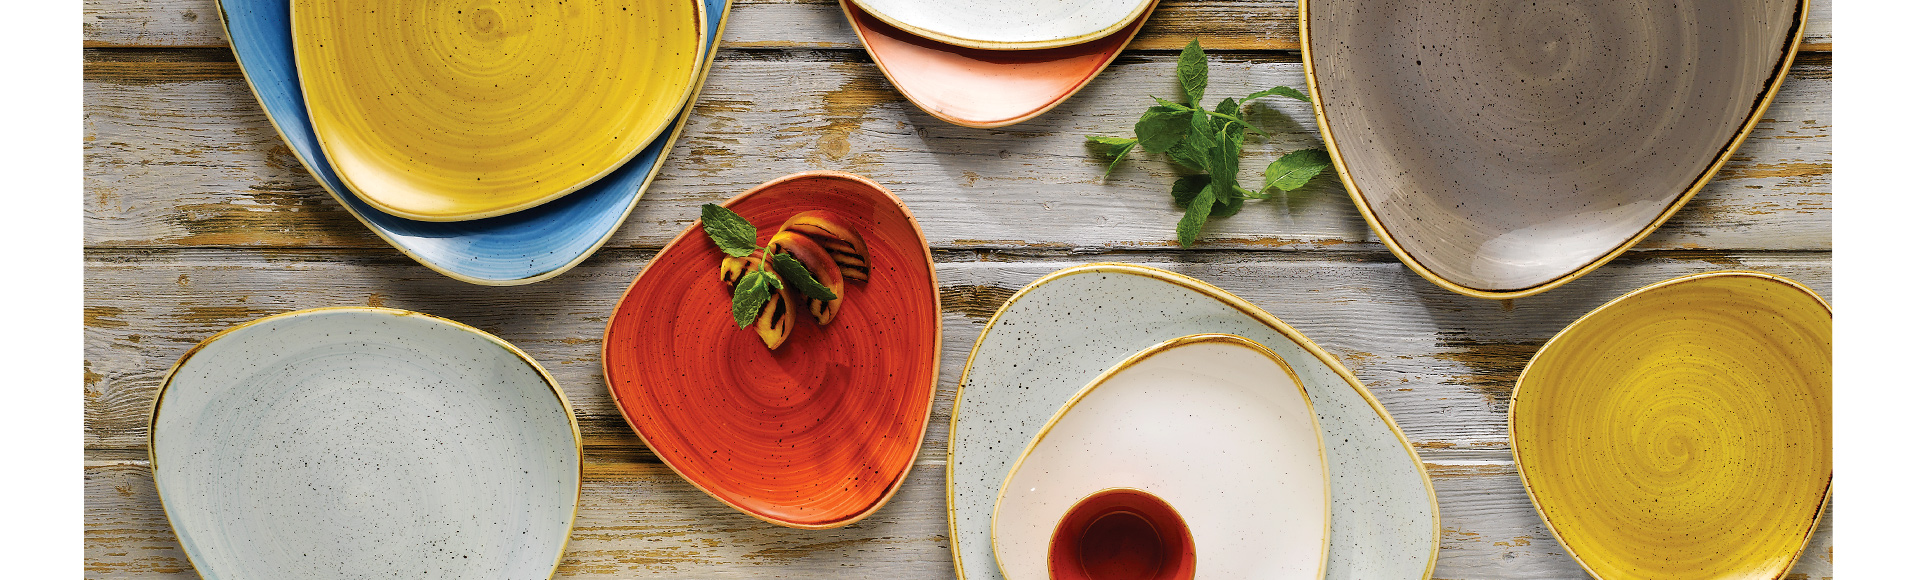 イギリス製の食器、ストーンキャスト(stonecast)は、豊富なカラーバリエーションと手作業による一枚ずつ異なる表情が個性的。